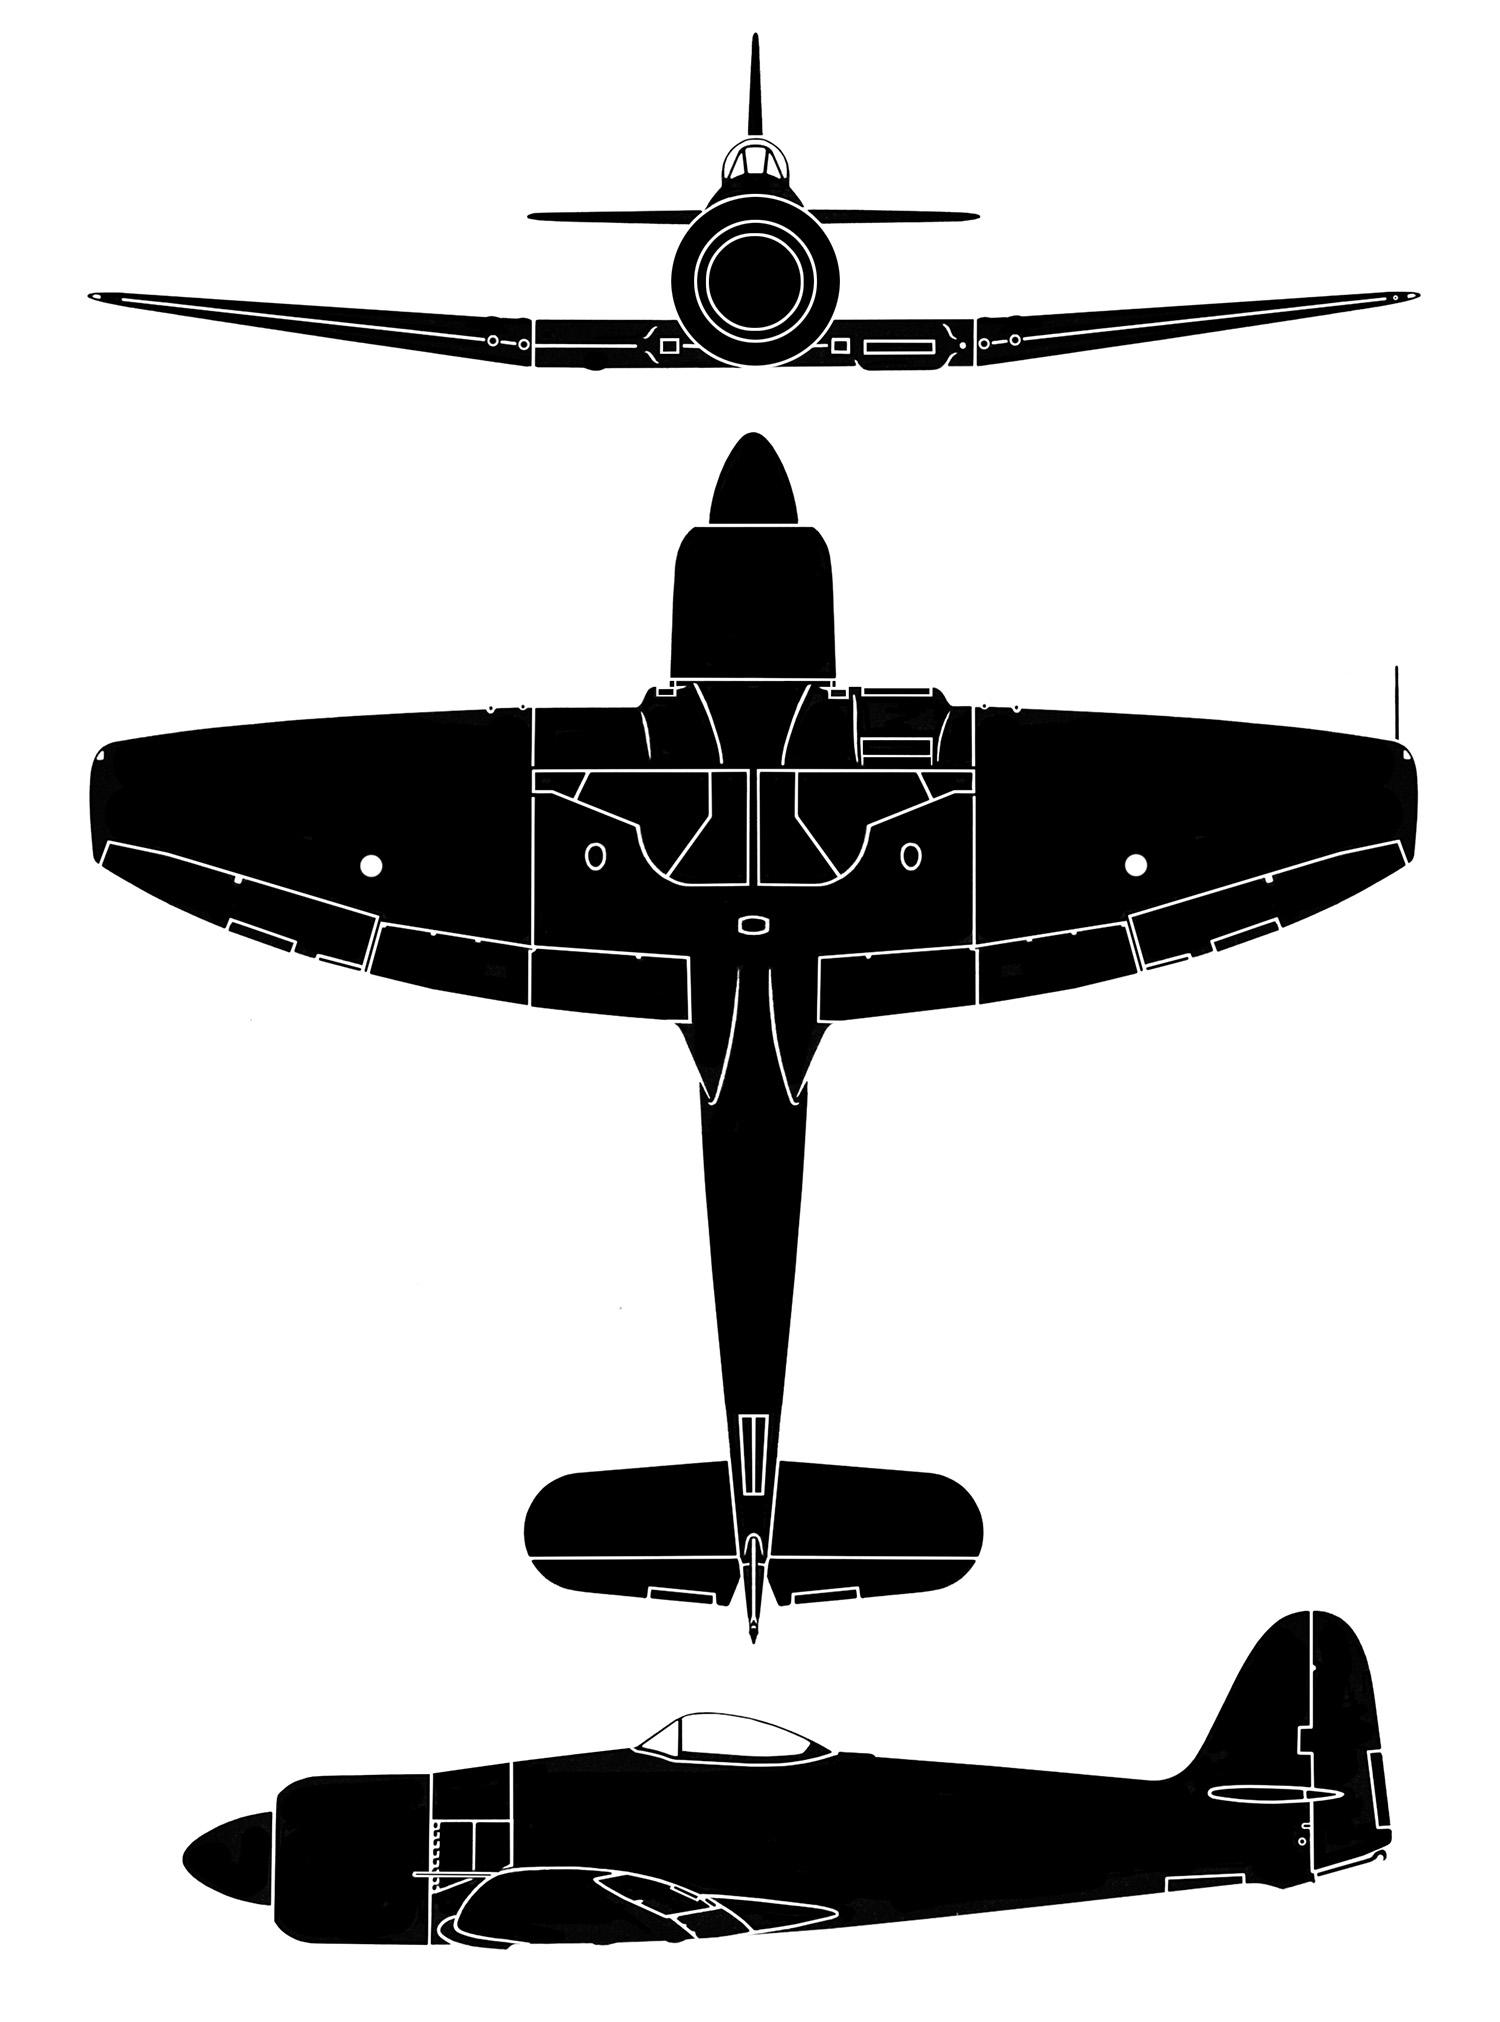 Hawker Sea Fury F MK 10